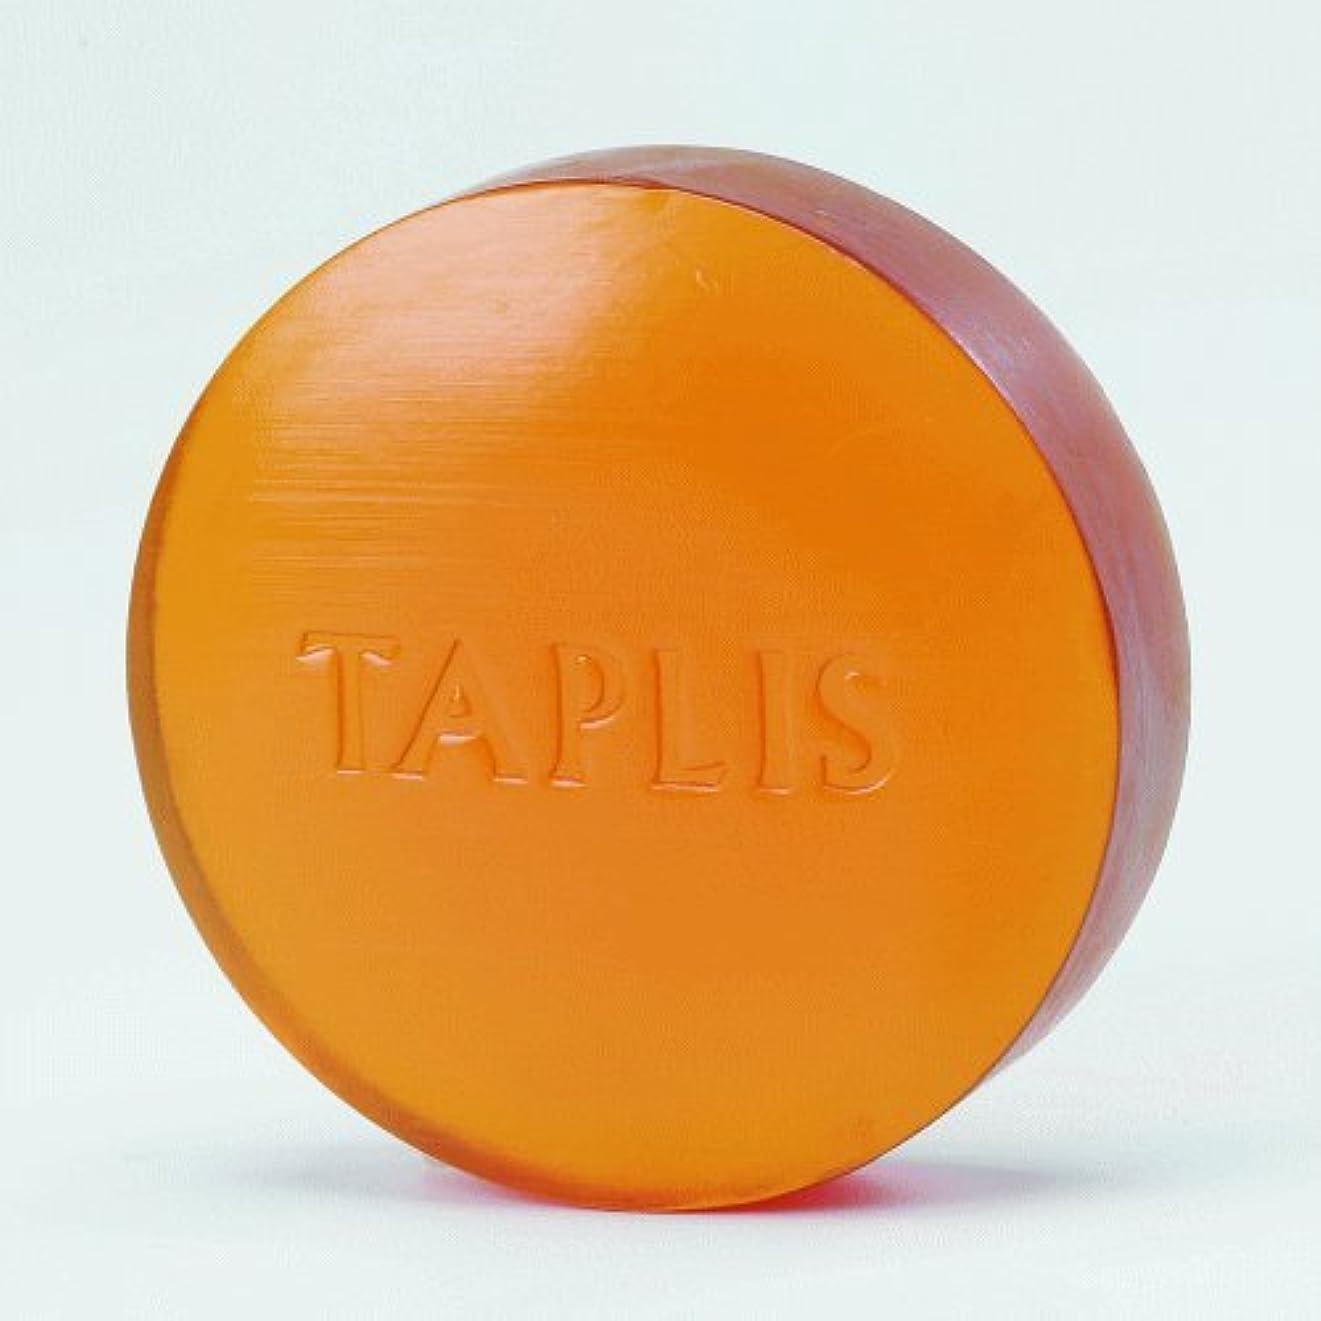 回想貯水池毒性タプリス プエラフィカ ソープ 80g 雪室コーヒーセット